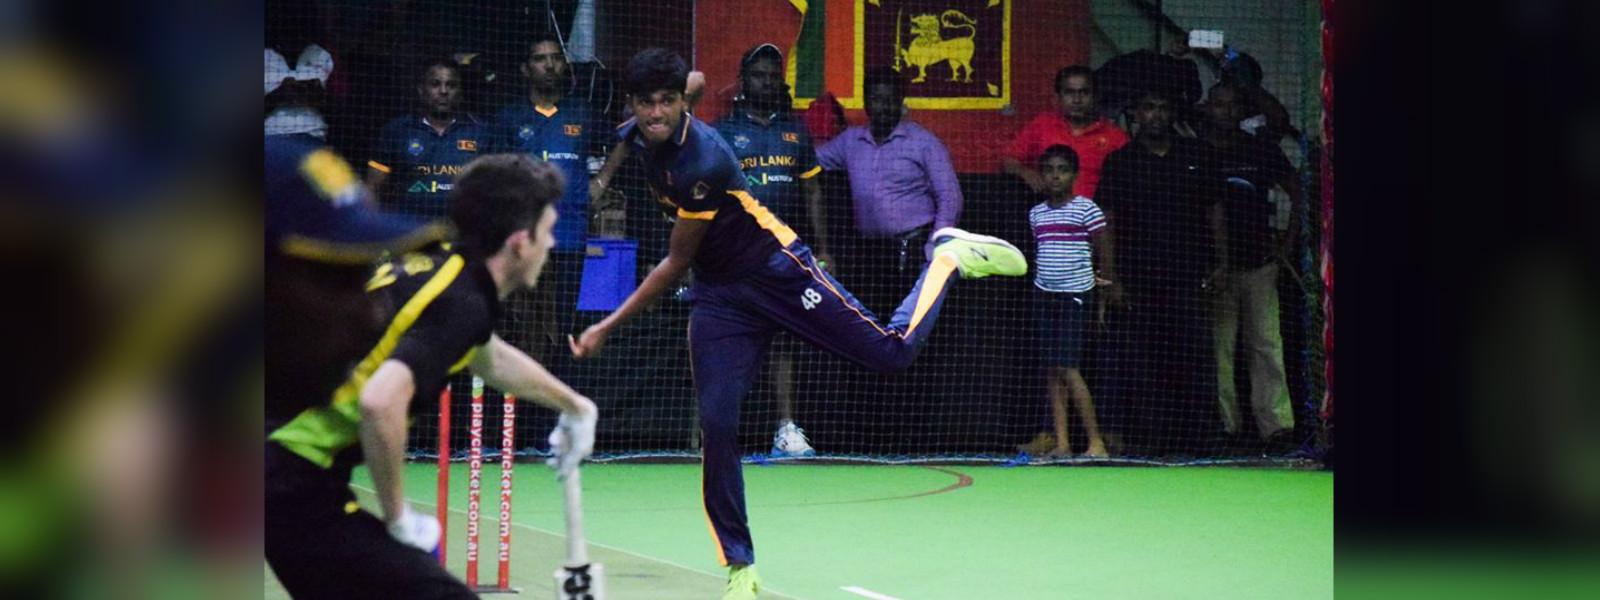 SL Indoor Cricket team wins first match in Birmingham